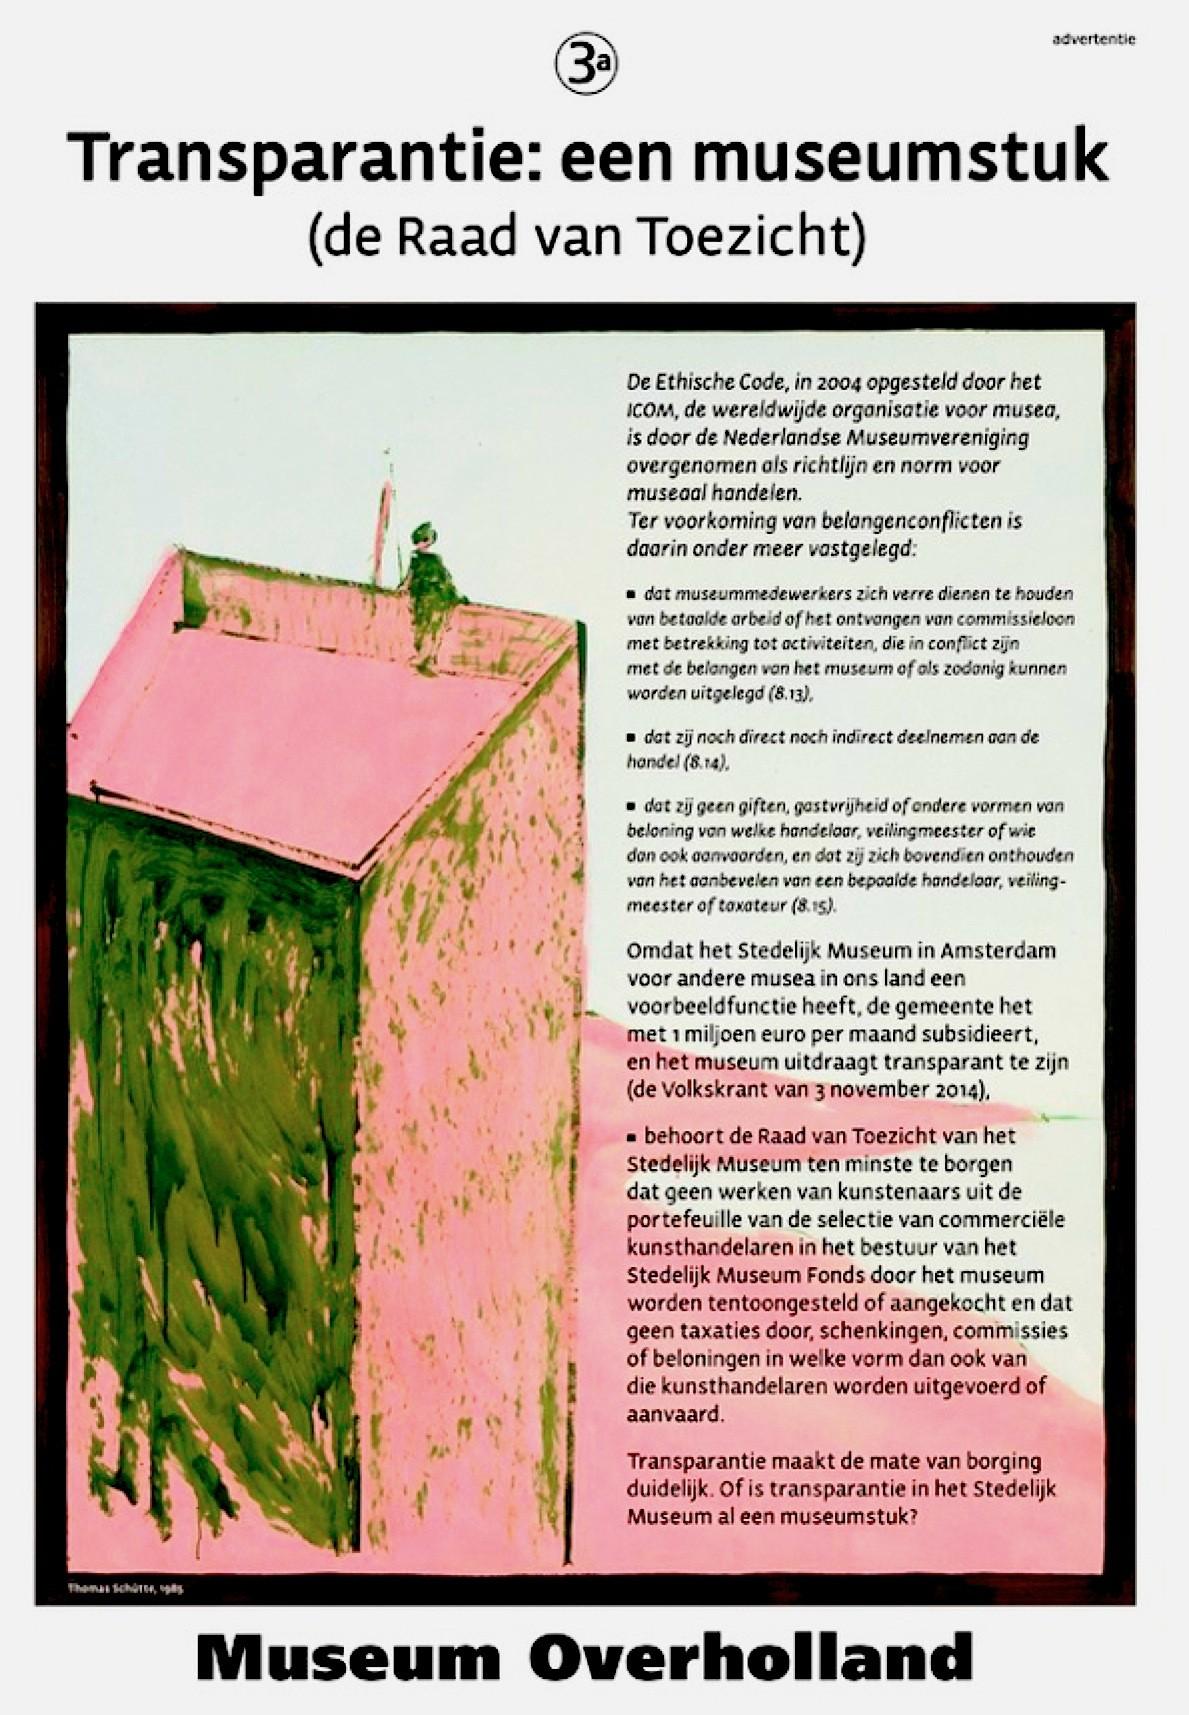 Christian Braun – Museum Overholland (3a) / Transparantie: een museumstuk (de Raad van Toezicht)